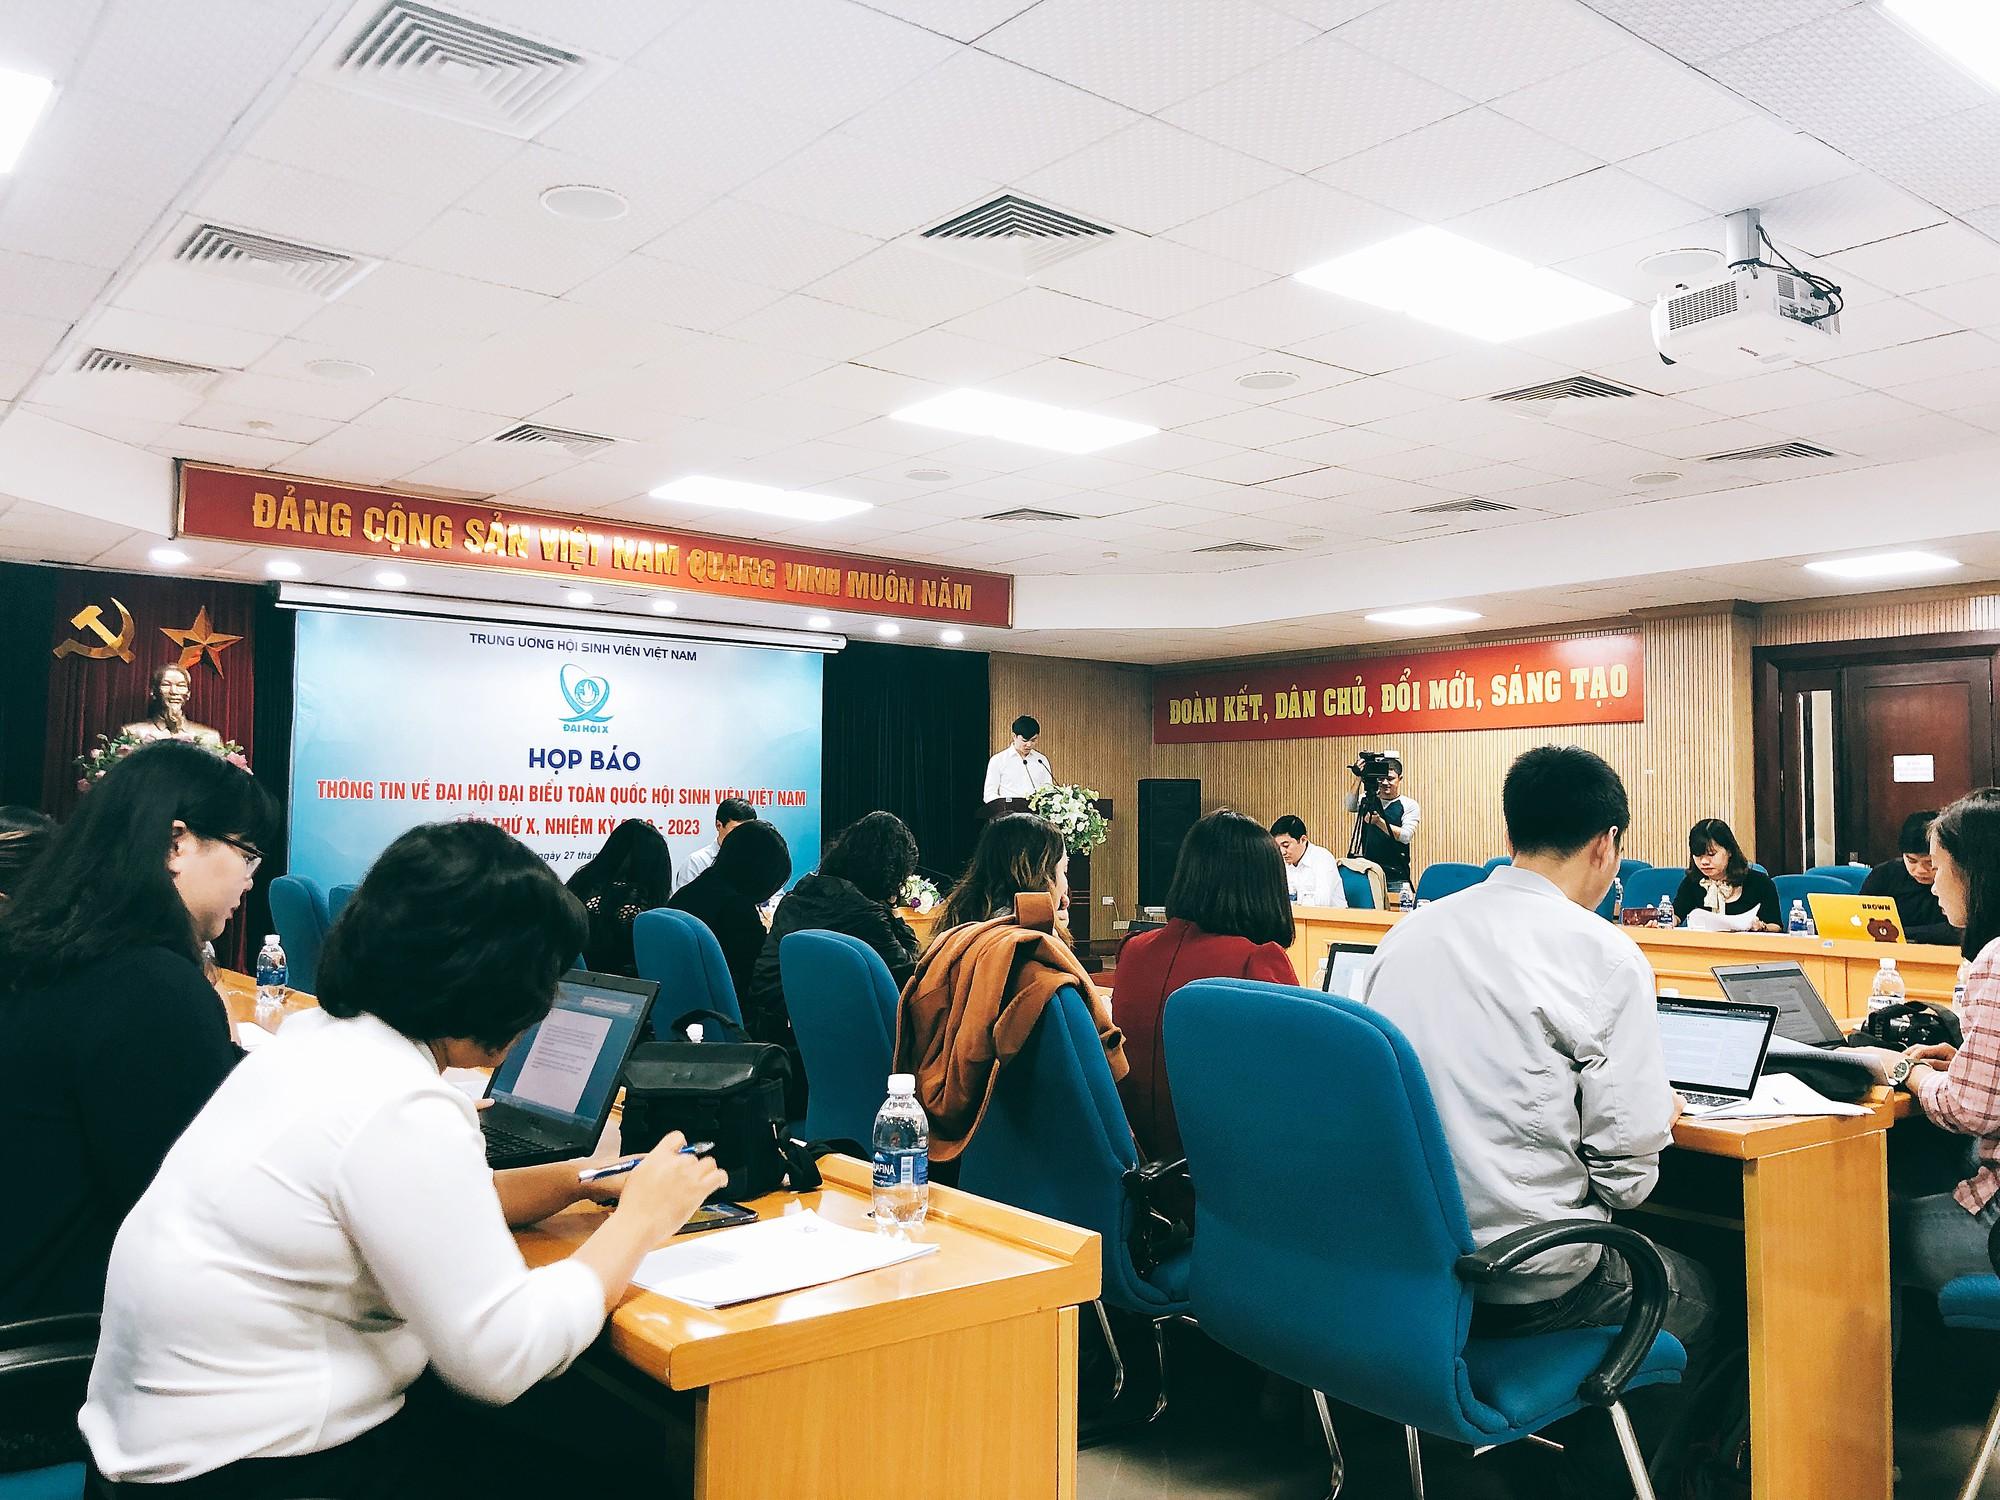 Họp báo giới thiệu Đại hội đại biểu toàn quốc Hội Sinh viên Việt Nam lần thứ X nhiệm kỳ 2018 - 2023 - Ảnh 1.